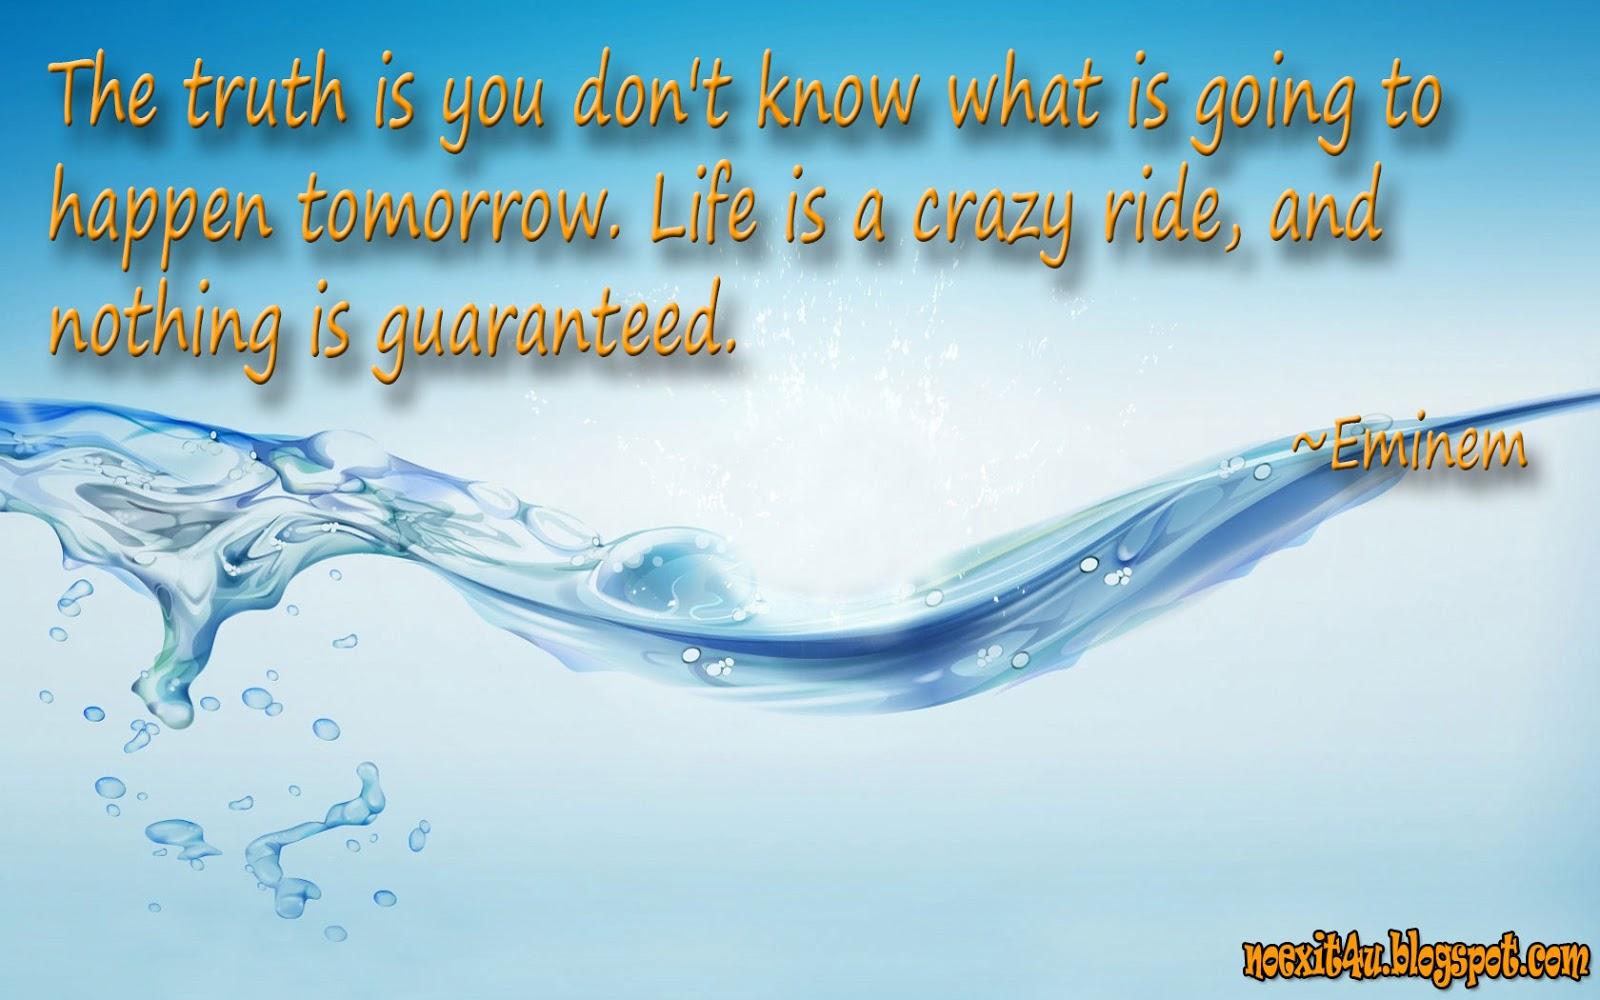 LIFE IS A CRAZY RIDE WALLPAPER